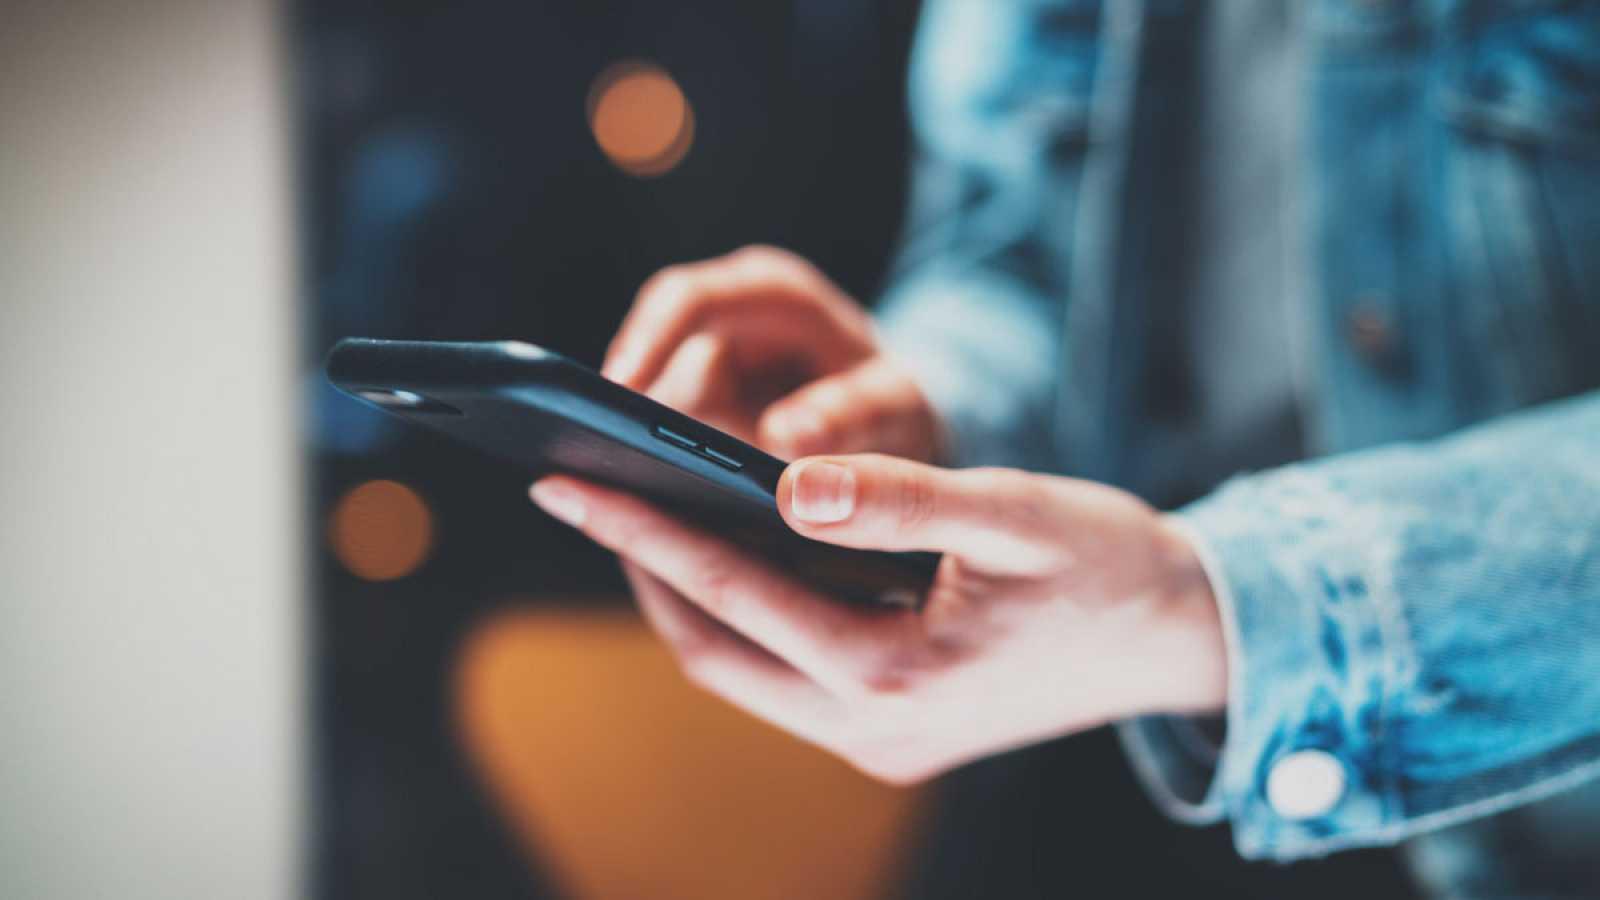 El INE comienza rastrea durante cuatro días millones de móviles para conocer la movilidad de los españoles